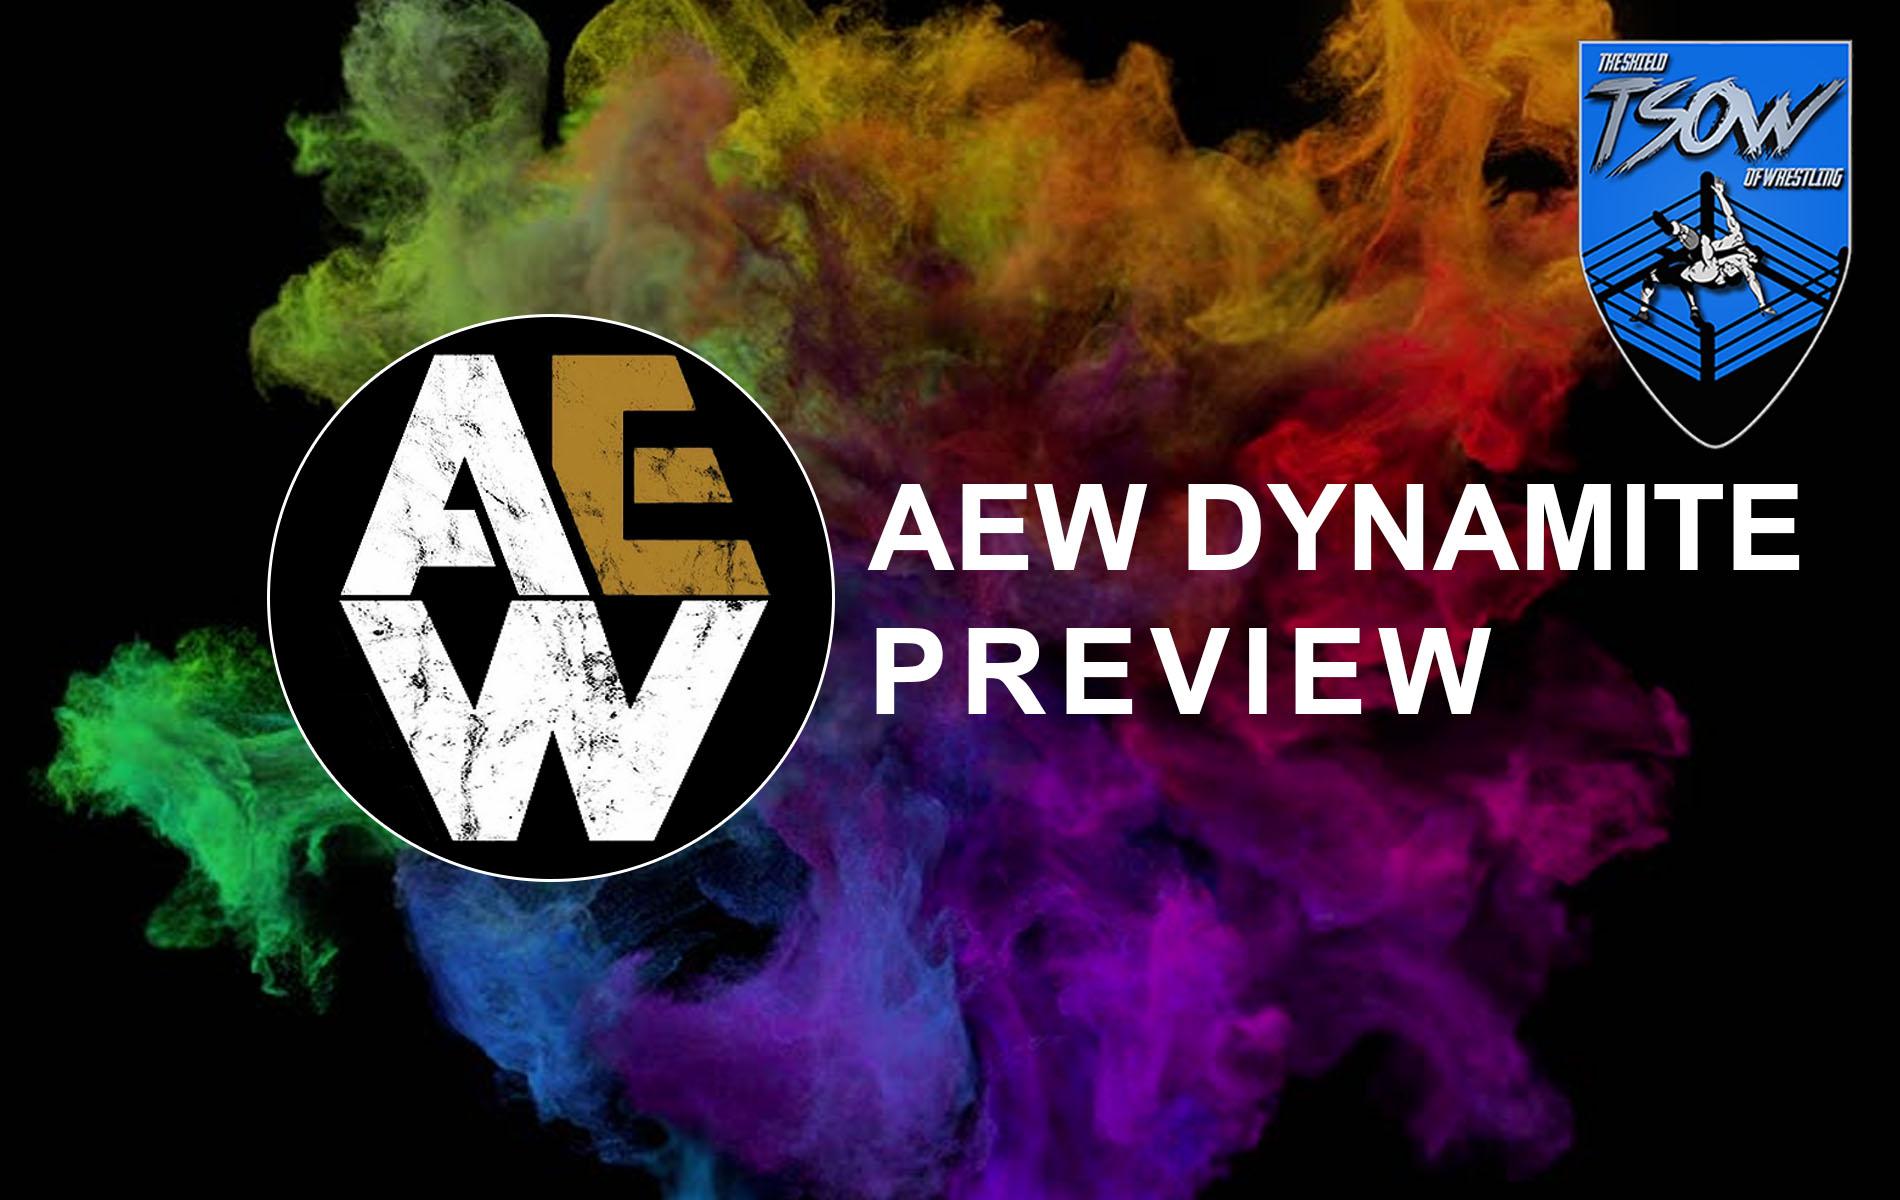 Anteprima AEW Dynamite 14-10-2020